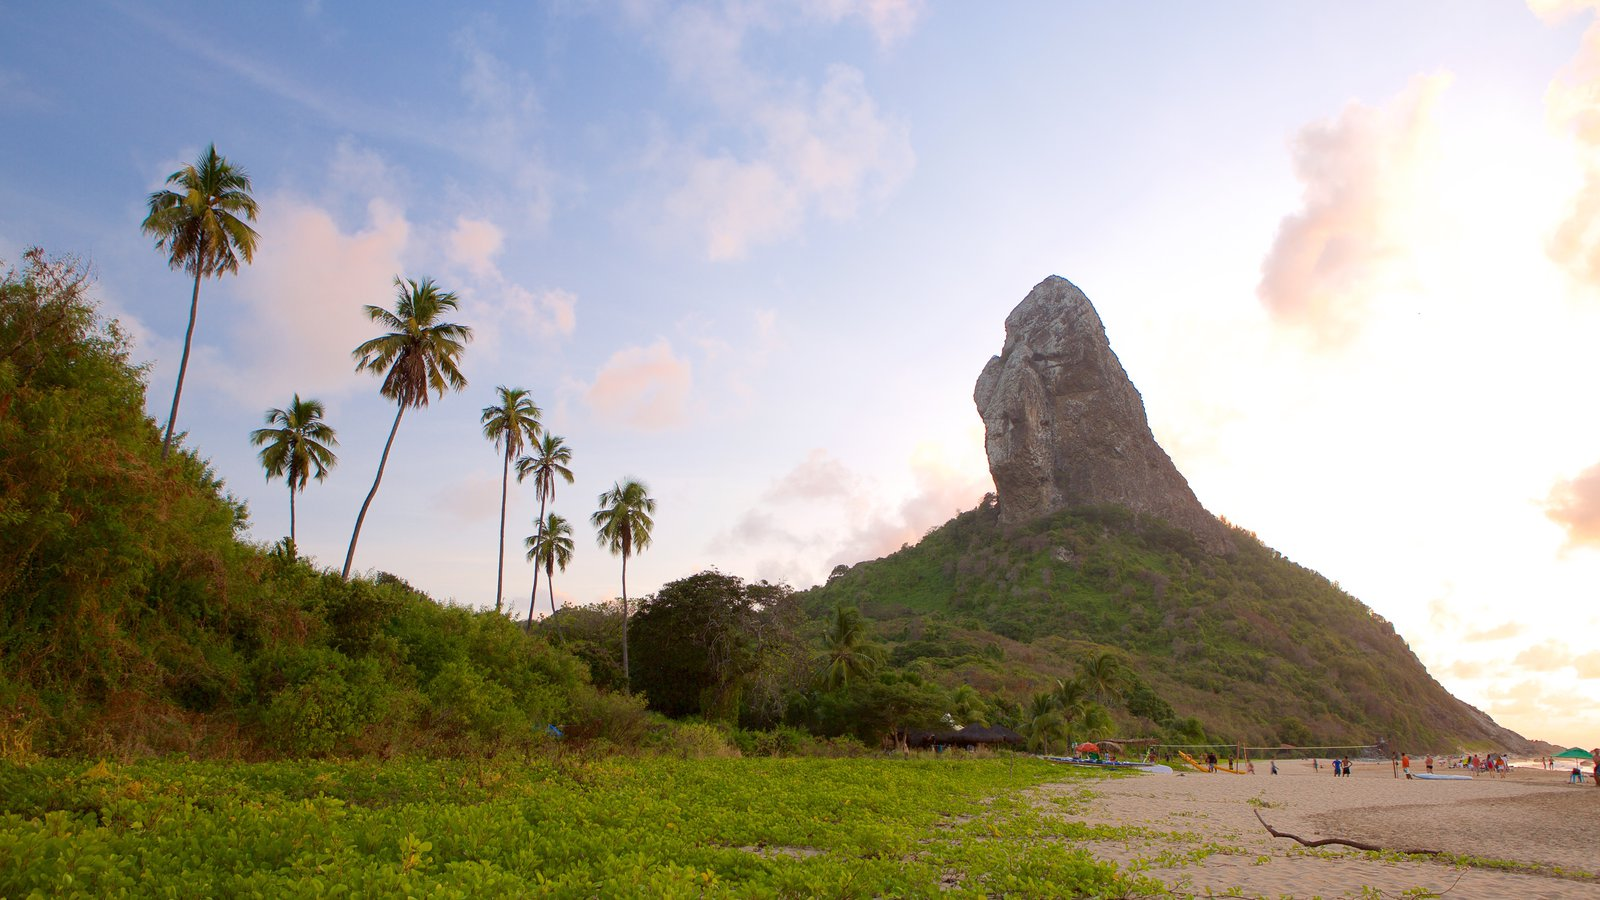 Praia da Conceição mostrando paisagens litorâneas, cenas tropicais e montanhas